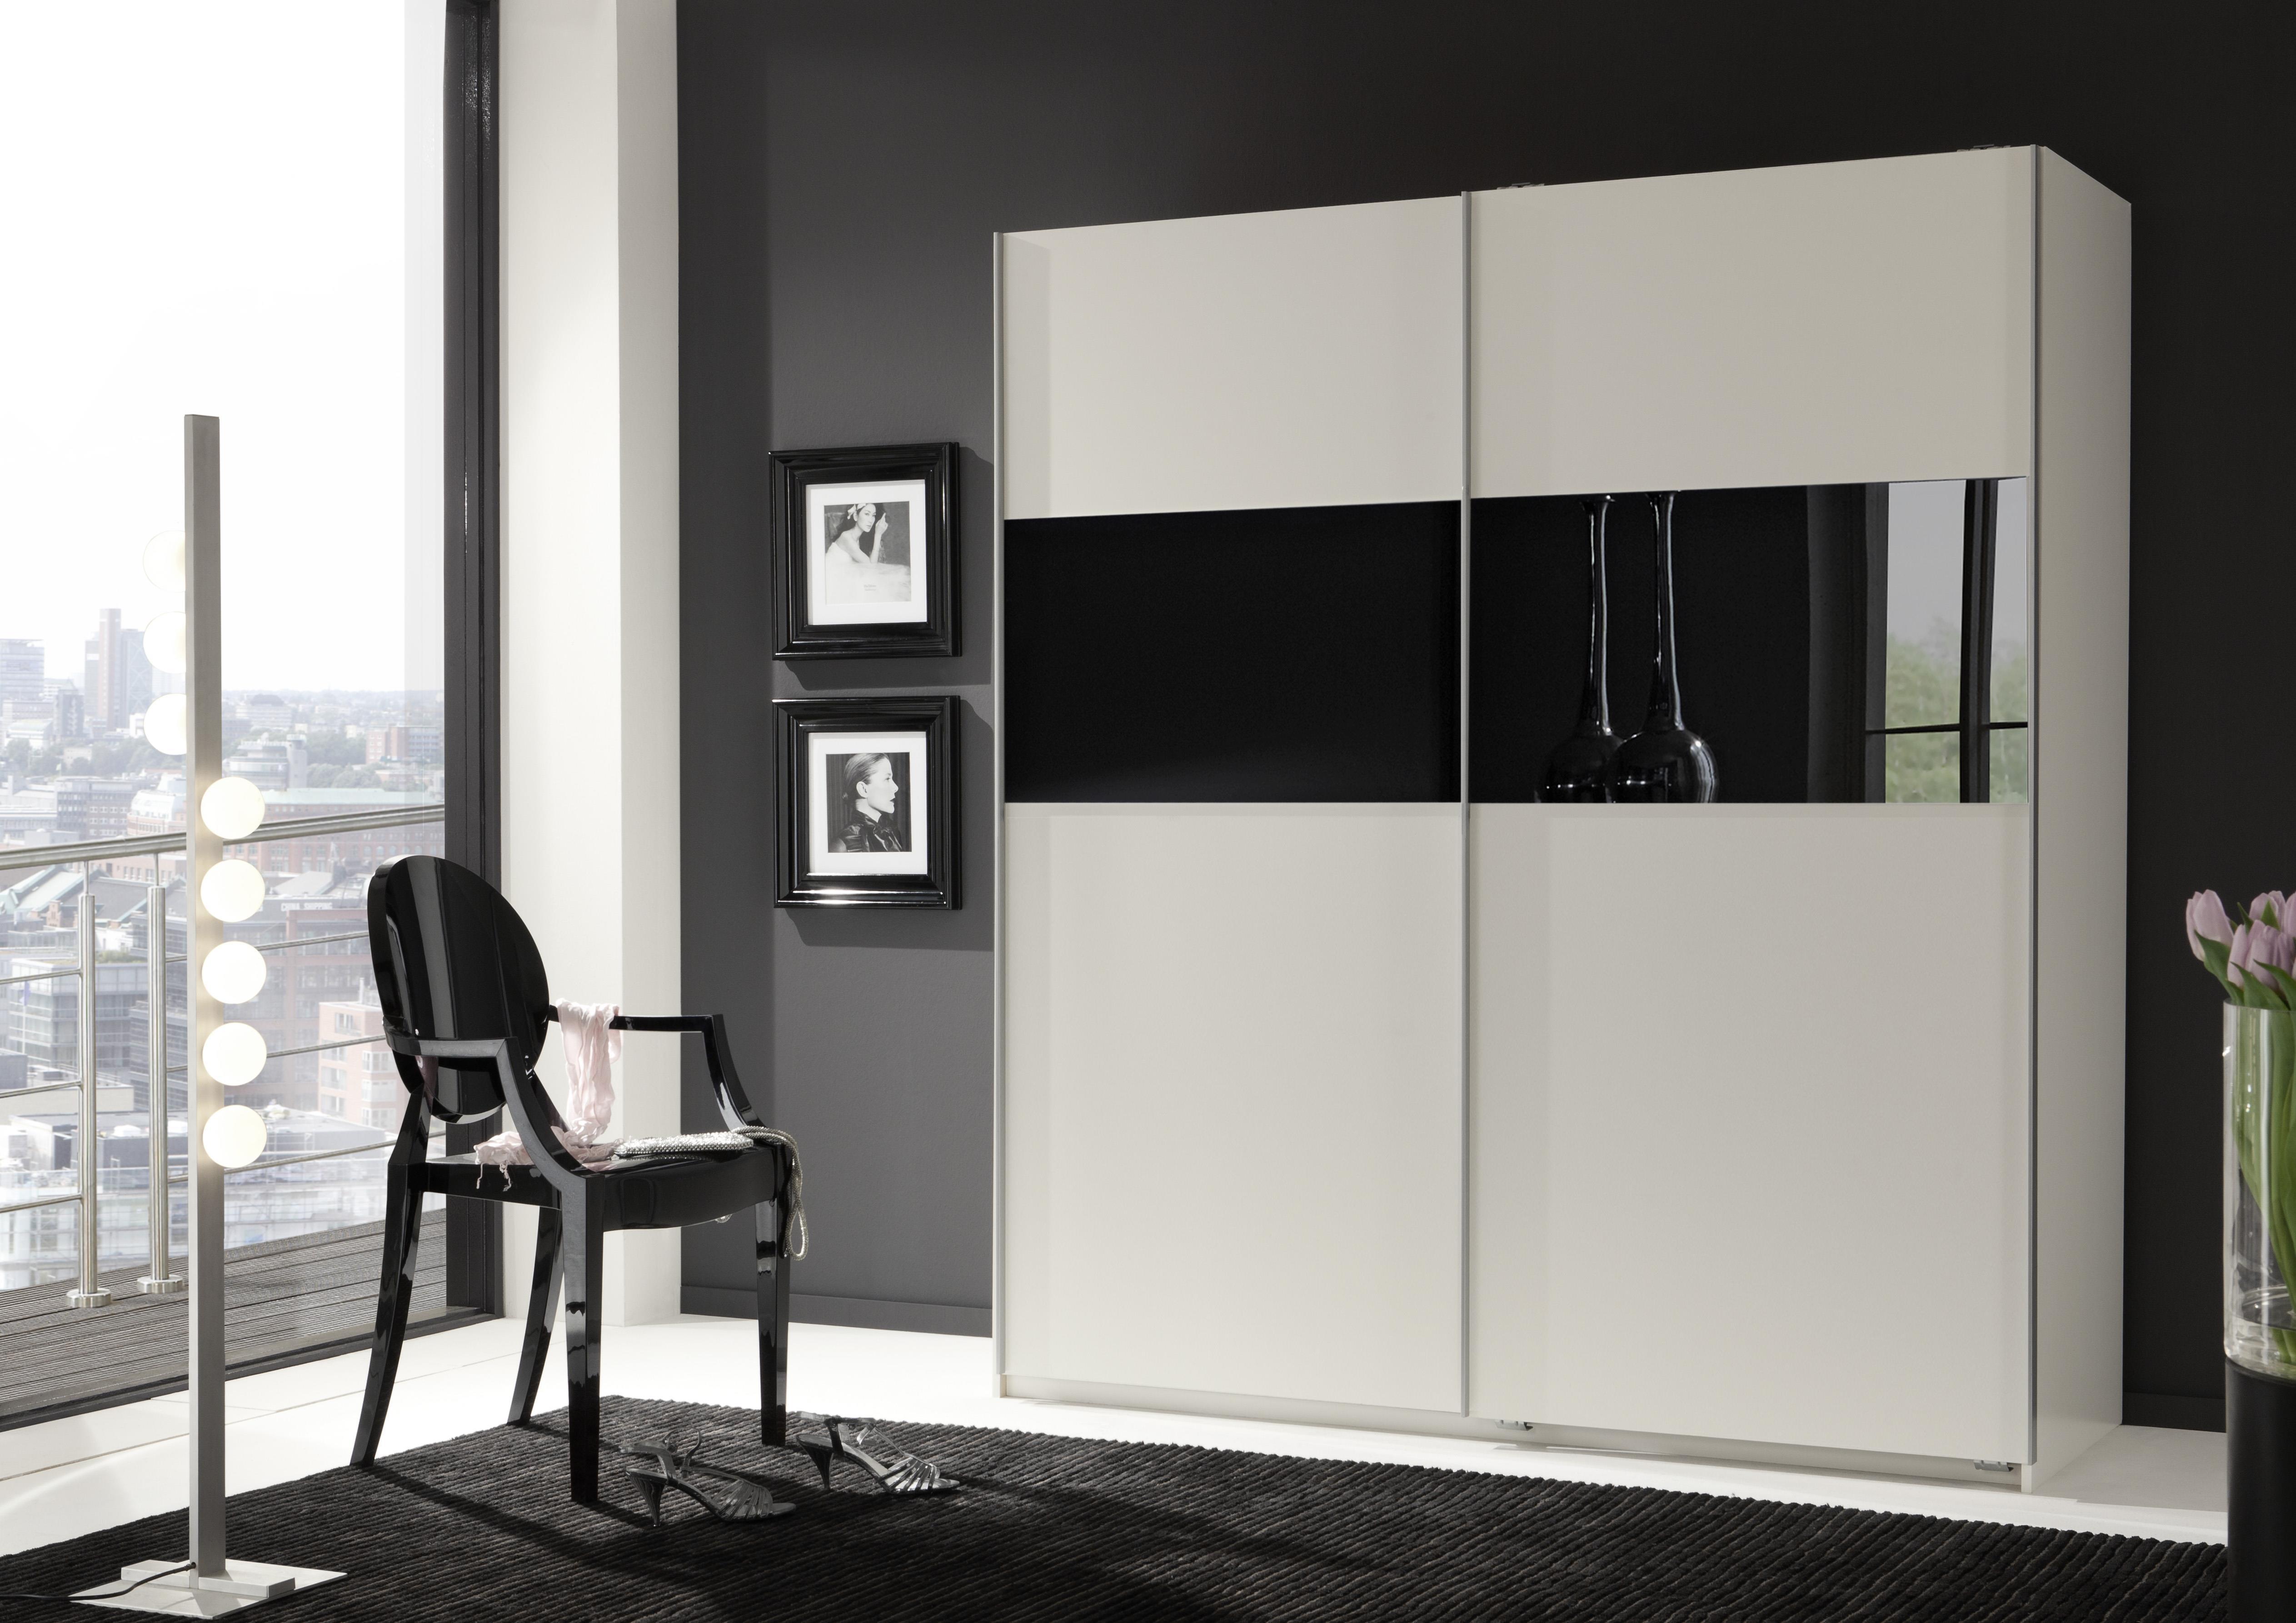 schwebet renschrank arezzo kleiderschrank schrank alpinwei mit abs glas schwarz ebay. Black Bedroom Furniture Sets. Home Design Ideas